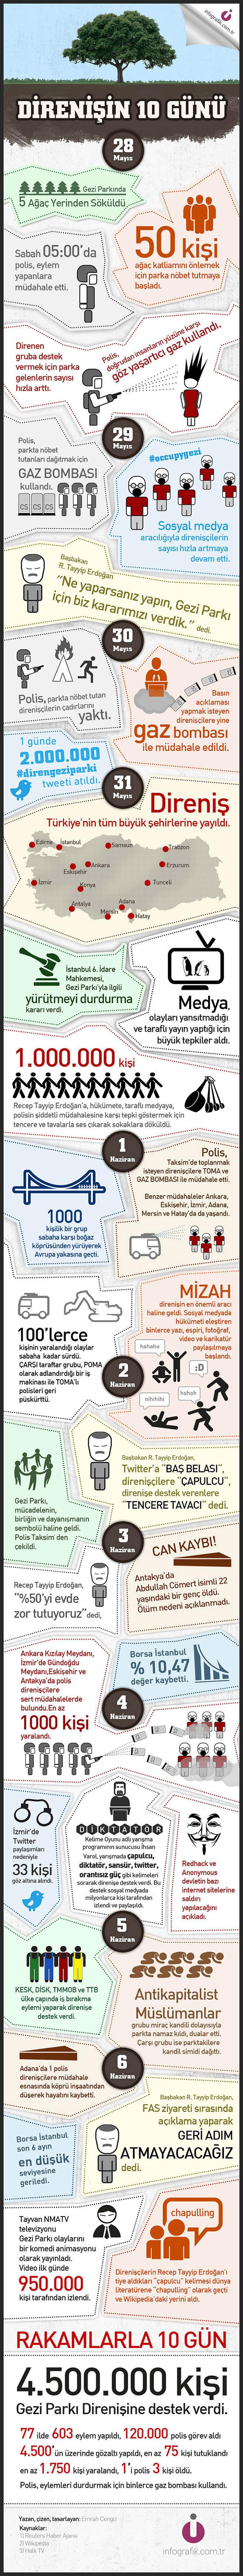 Gezi Parkı Direnişinin 10 Günü